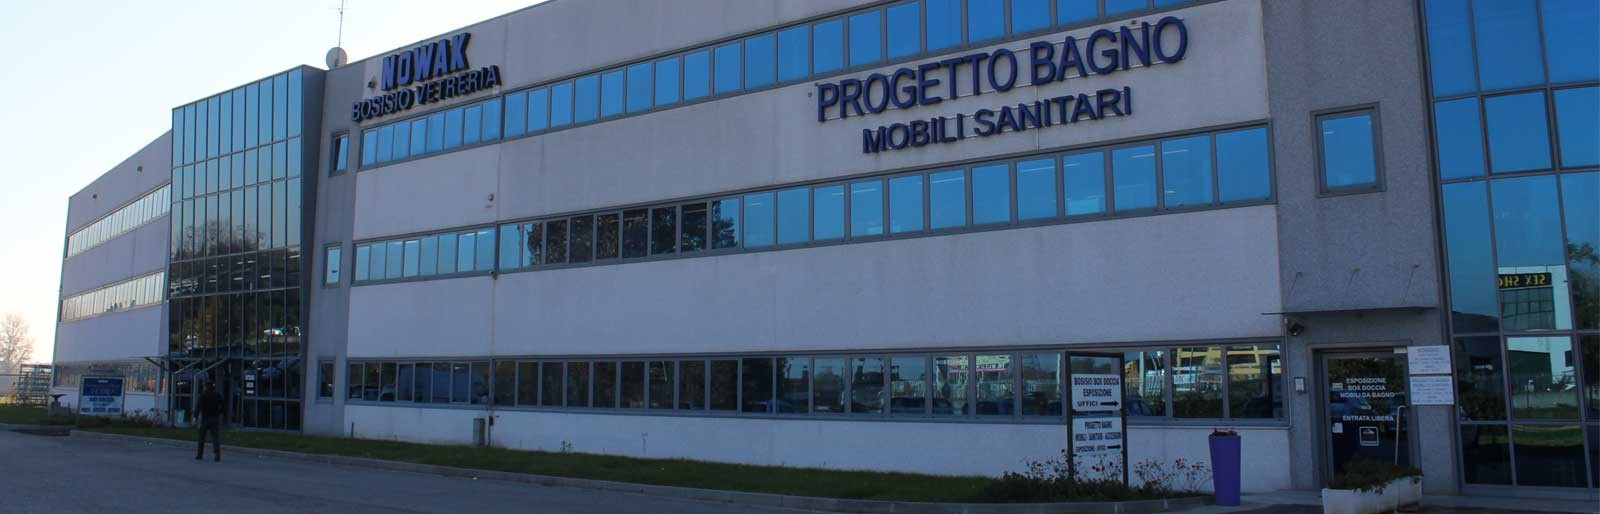 Progetto Bagno S.r.l.